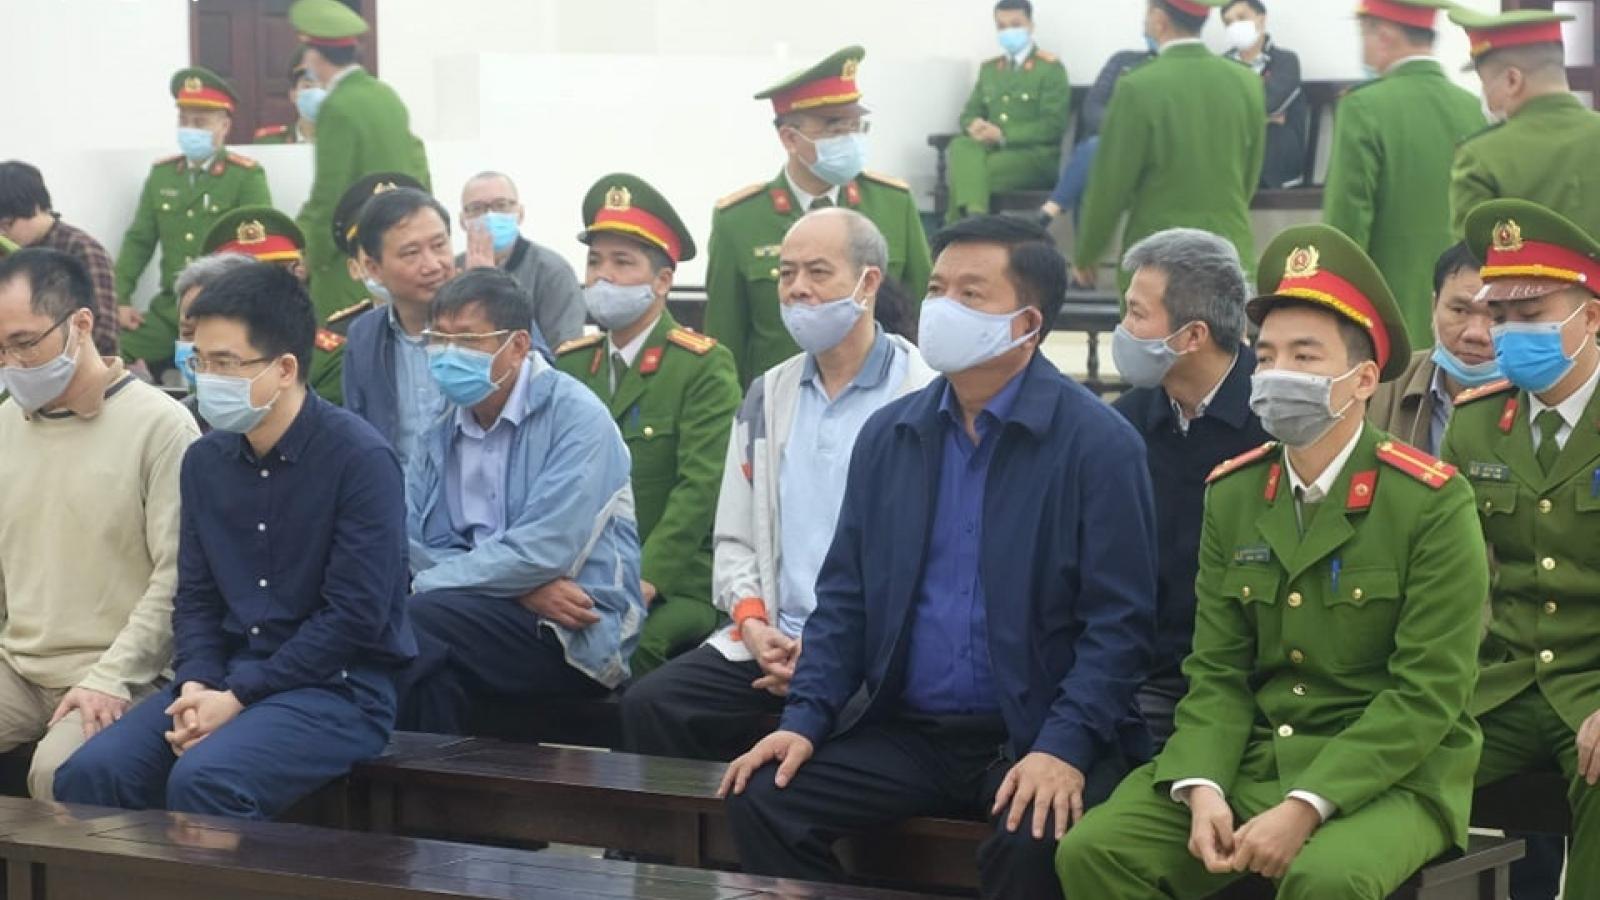 Hôm nay, Tòa tuyên án vụ Ethanol Phú Thọ với bị cáo Đinh La Thăng và đồng phạm